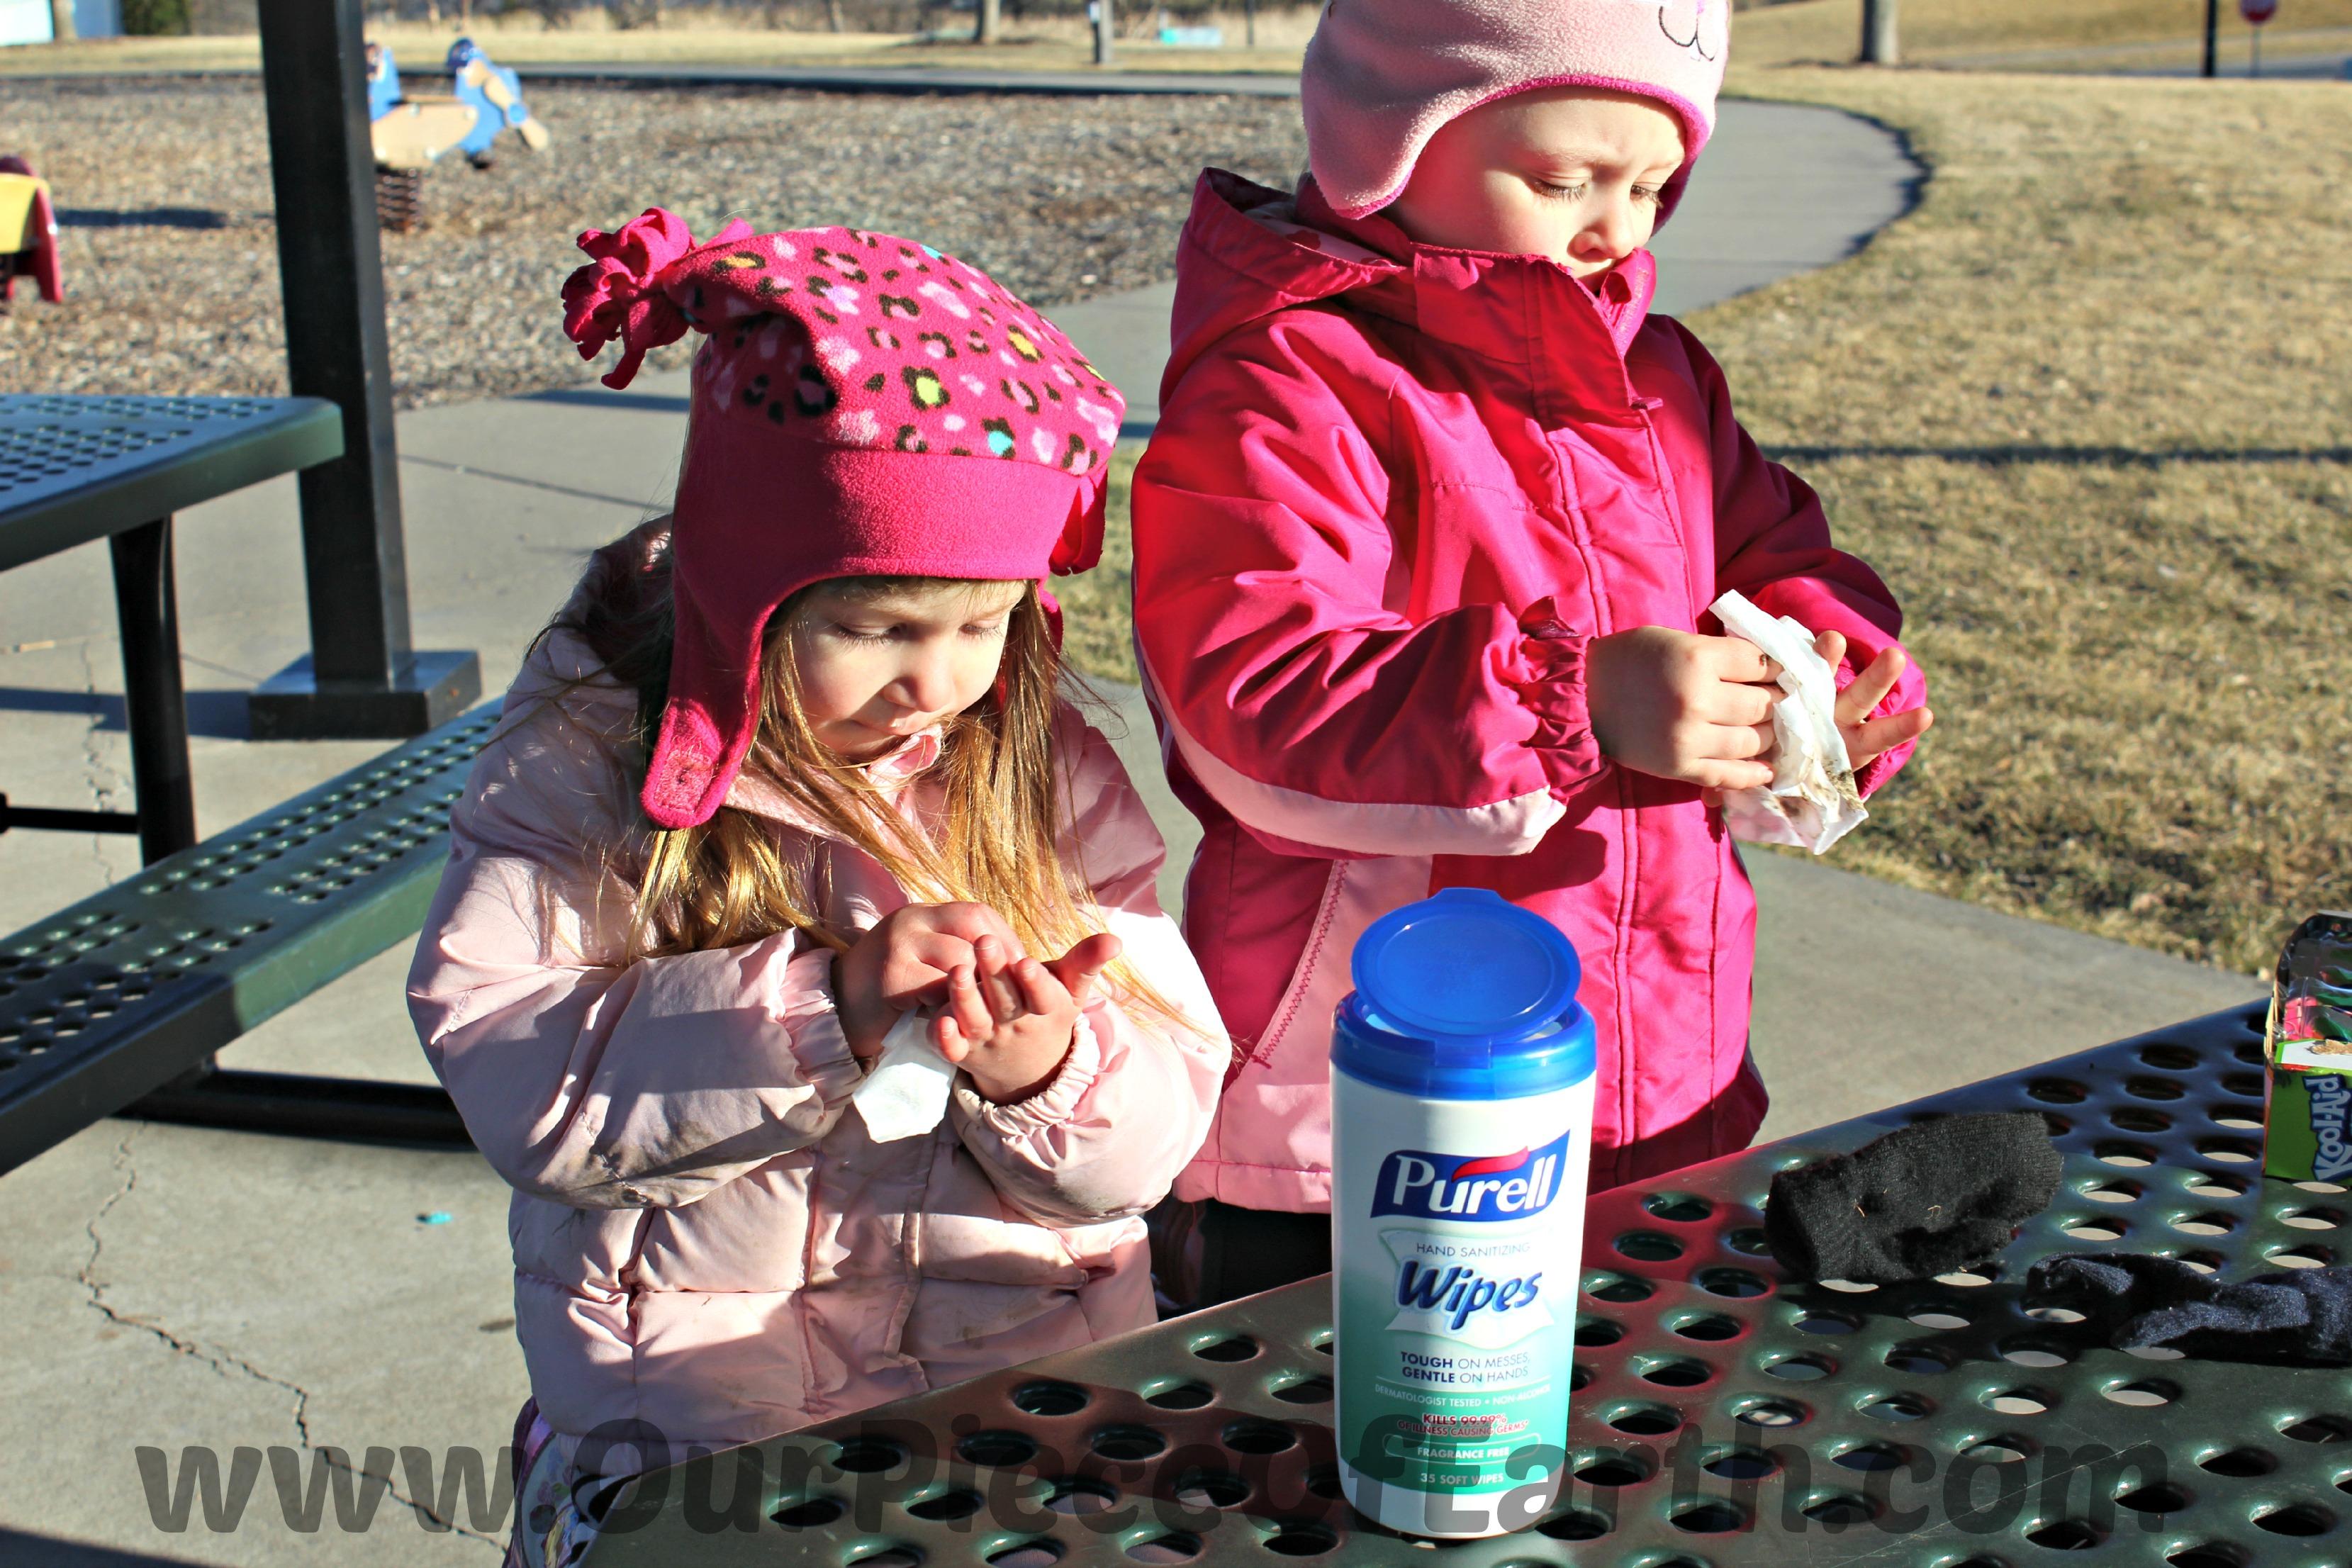 Purell Girls Washing Hands